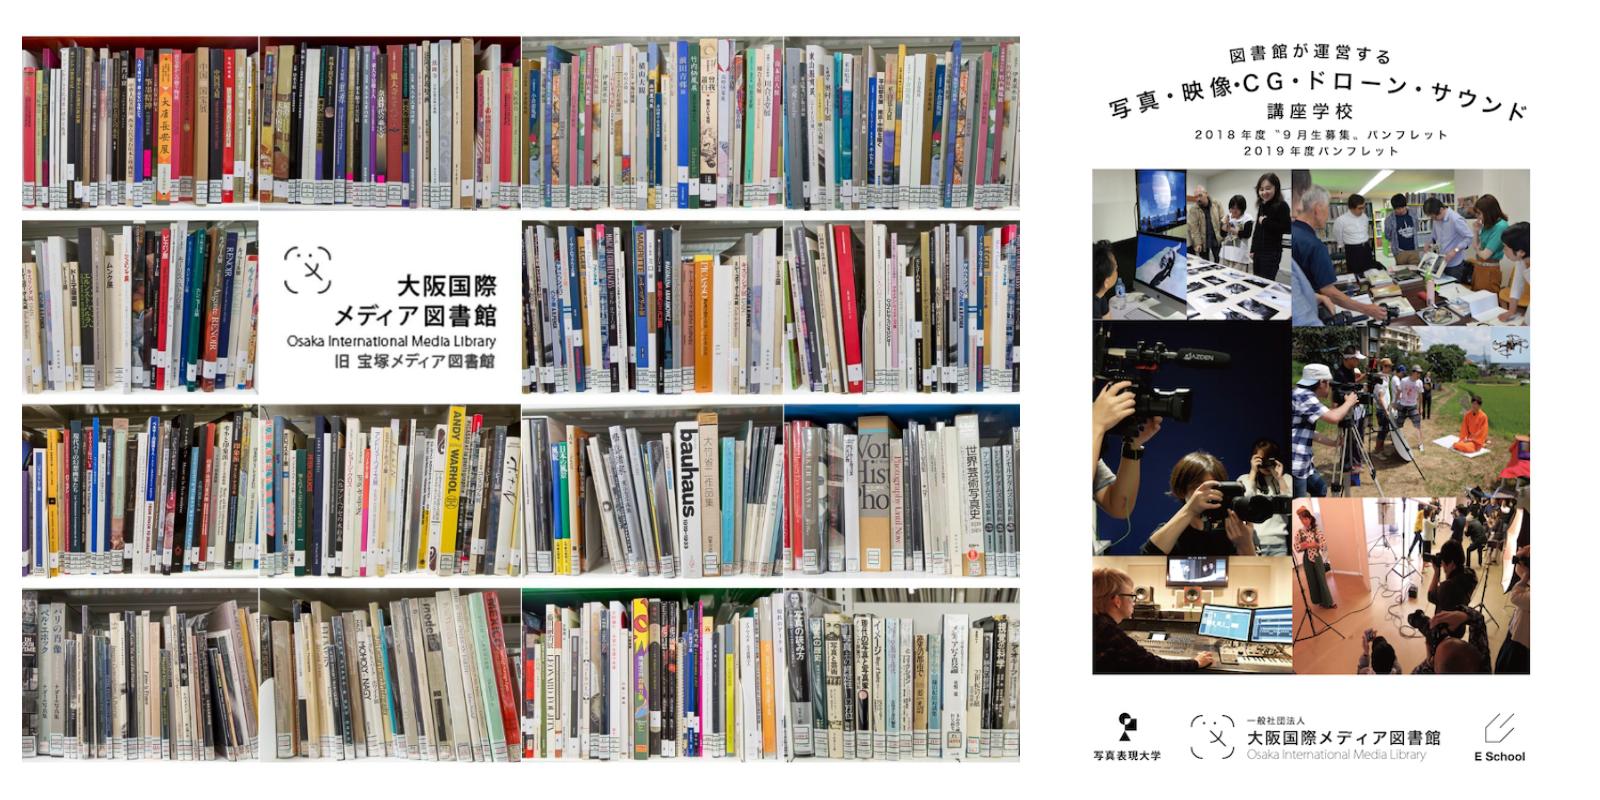 大阪国際メディア図書館(写真・映像・美術・デザイン・建築・音楽・文化人類学・サイエンス専門図書館)に併設の写真表現大学(写真スクール/フォトスクール/写真学校/写真教室/カメラ教室)& Eスクール(映像・CG・サウンド・ドローンスクール)では、2018年度秋募集を開始しました!